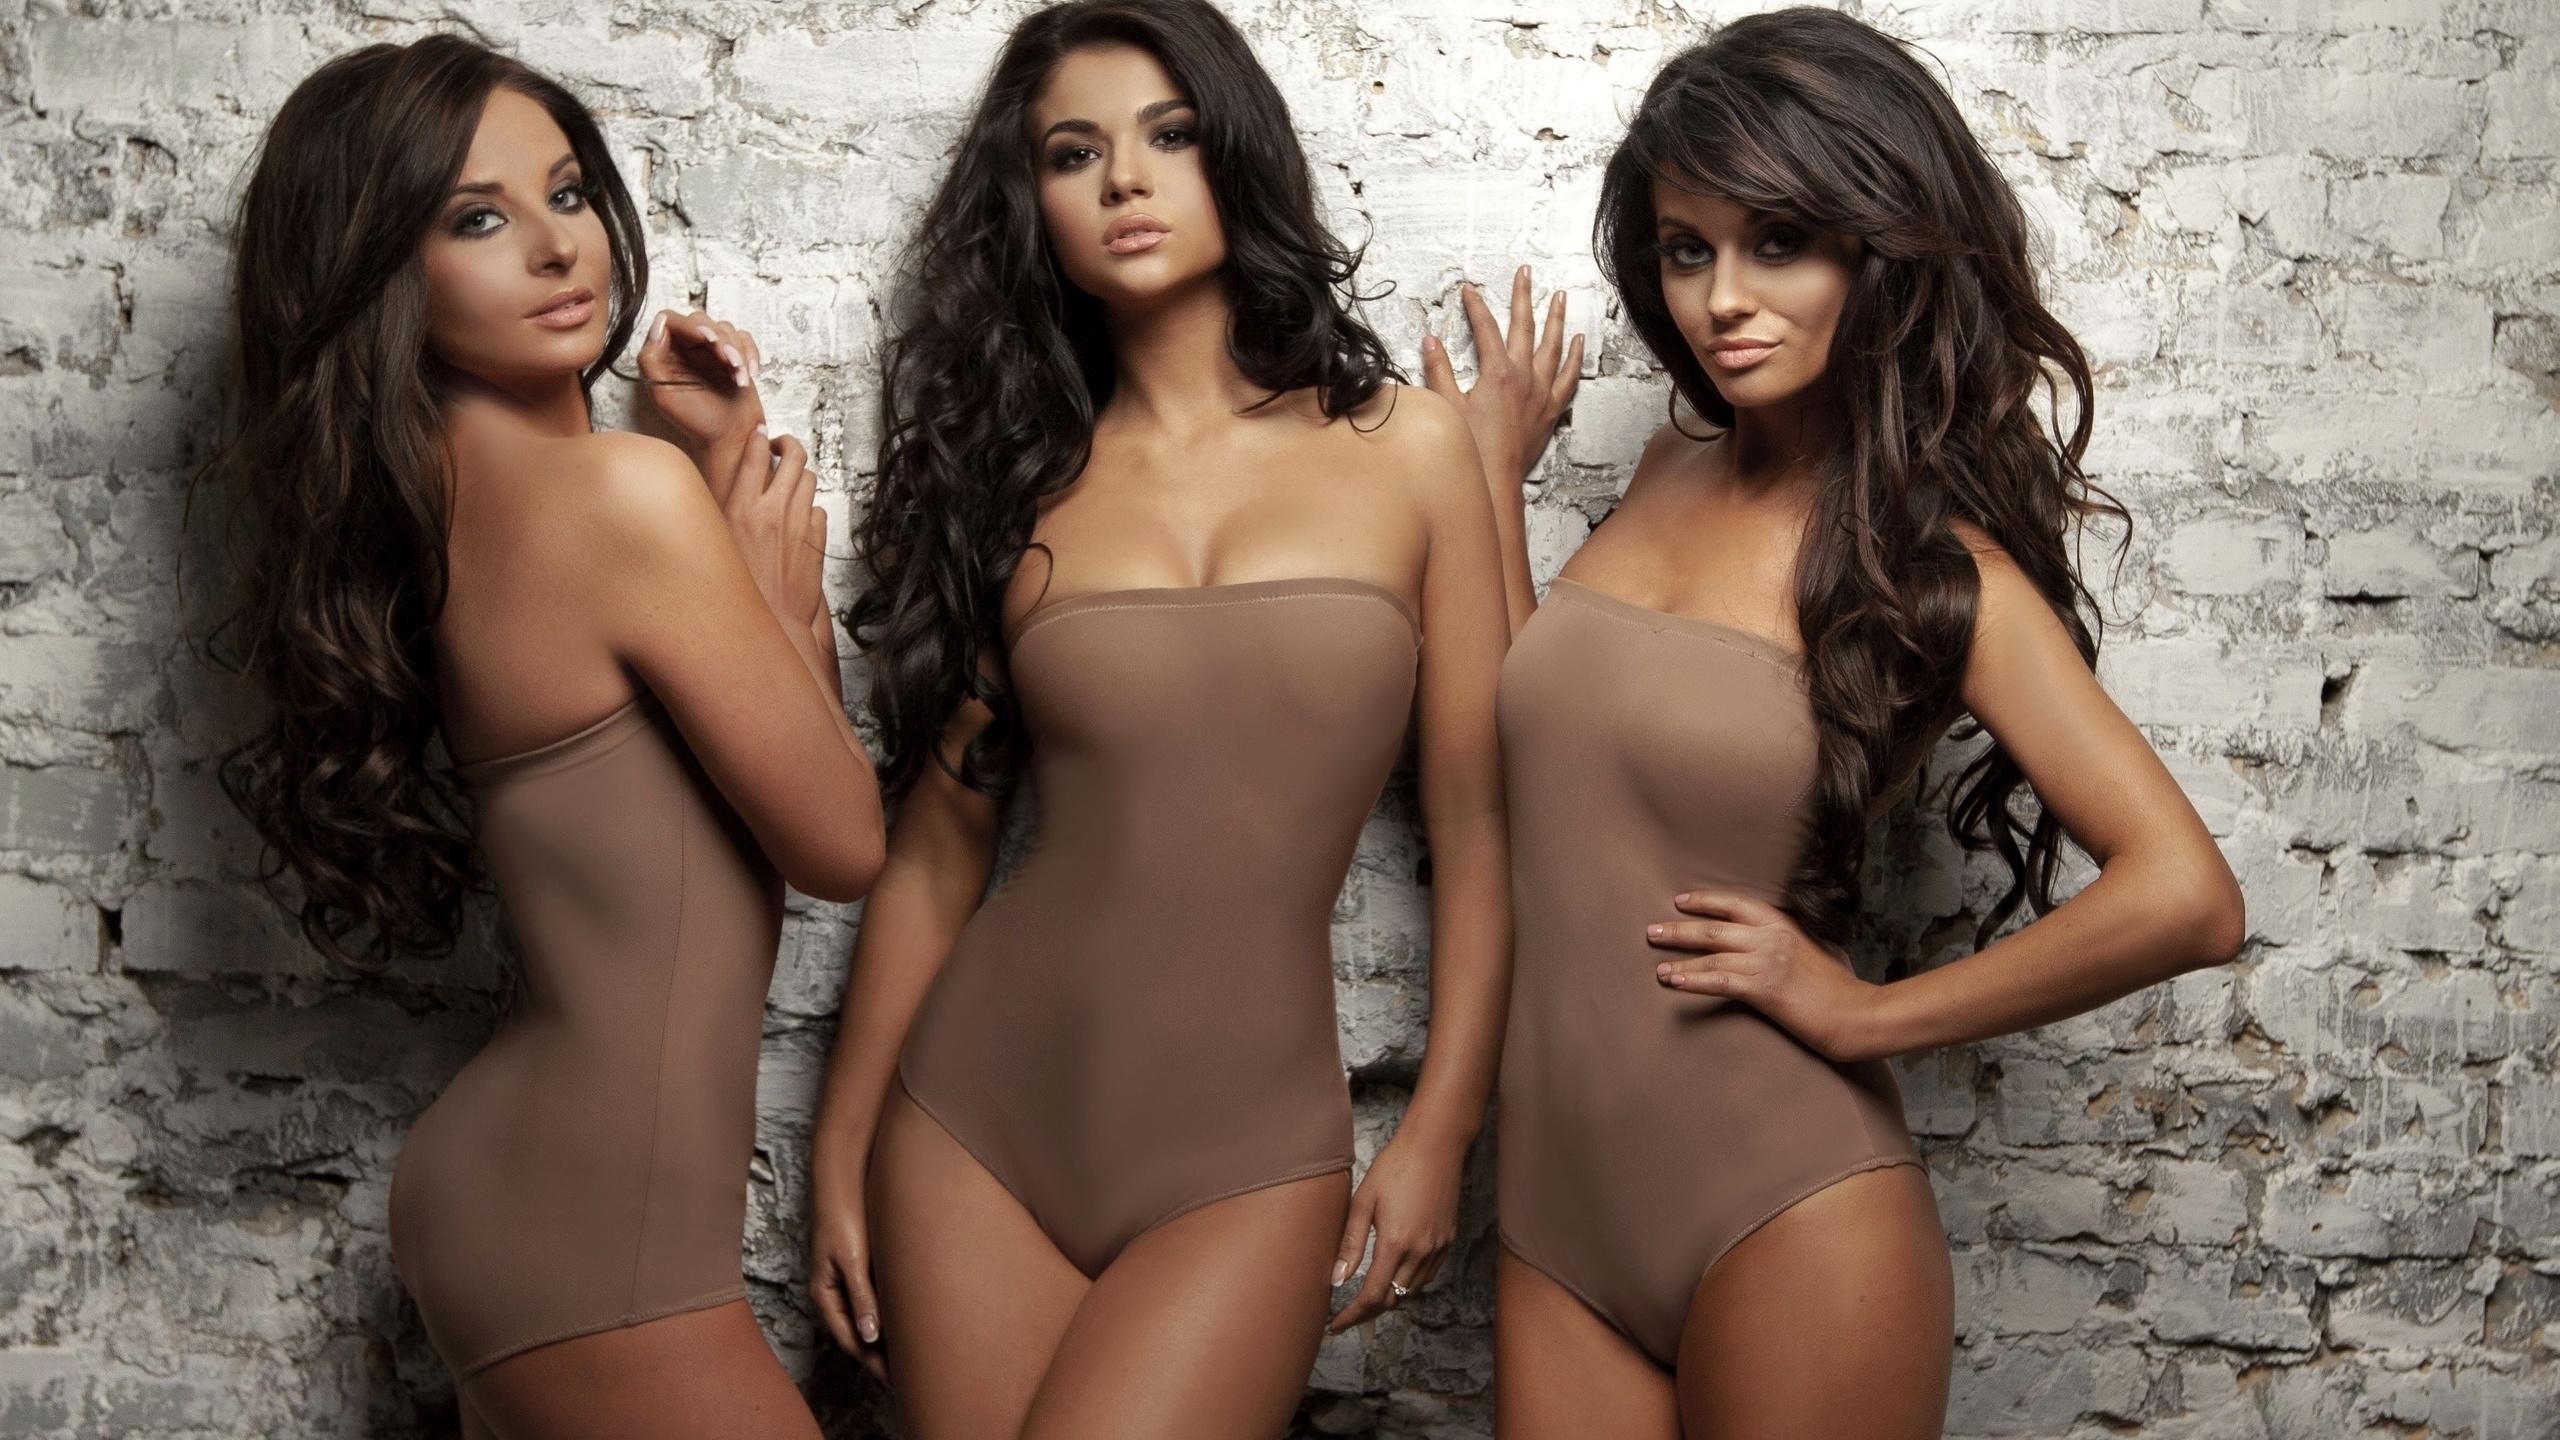 Фотосессия трио голых девушек качественное домашнее